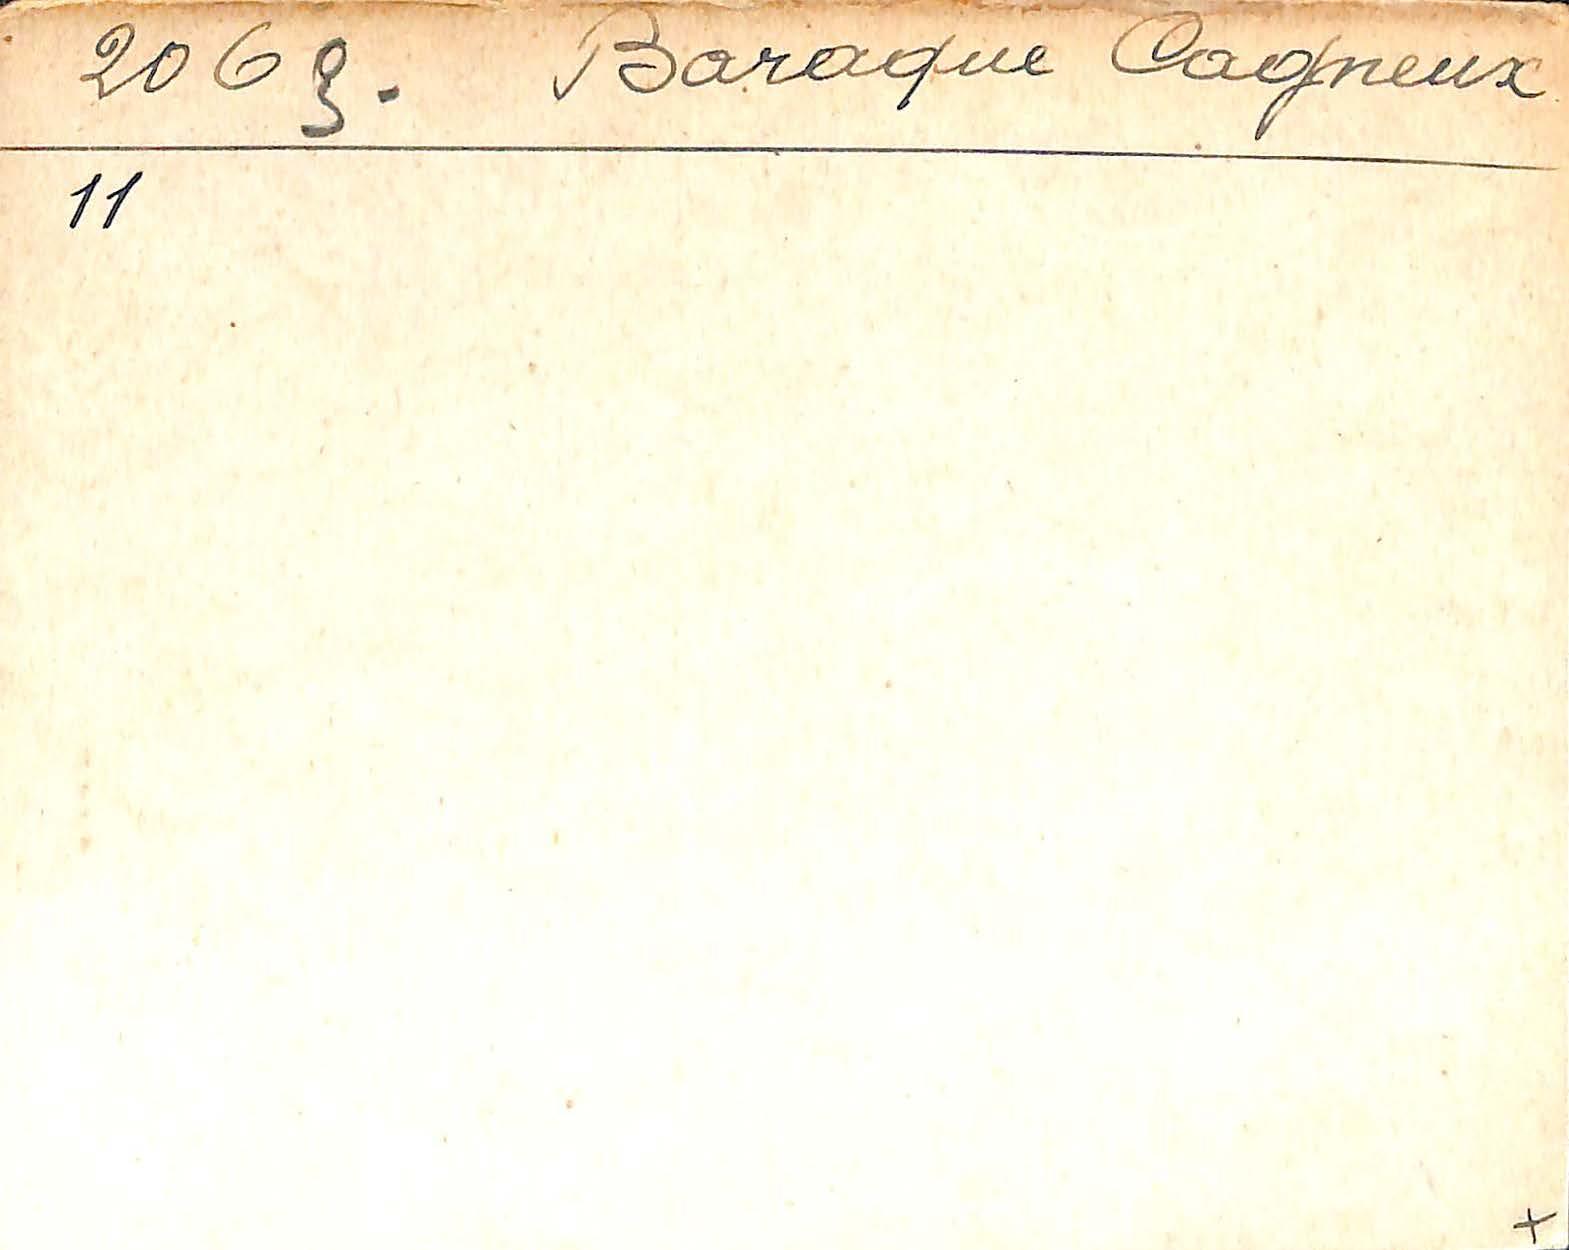 206W 11.jpg